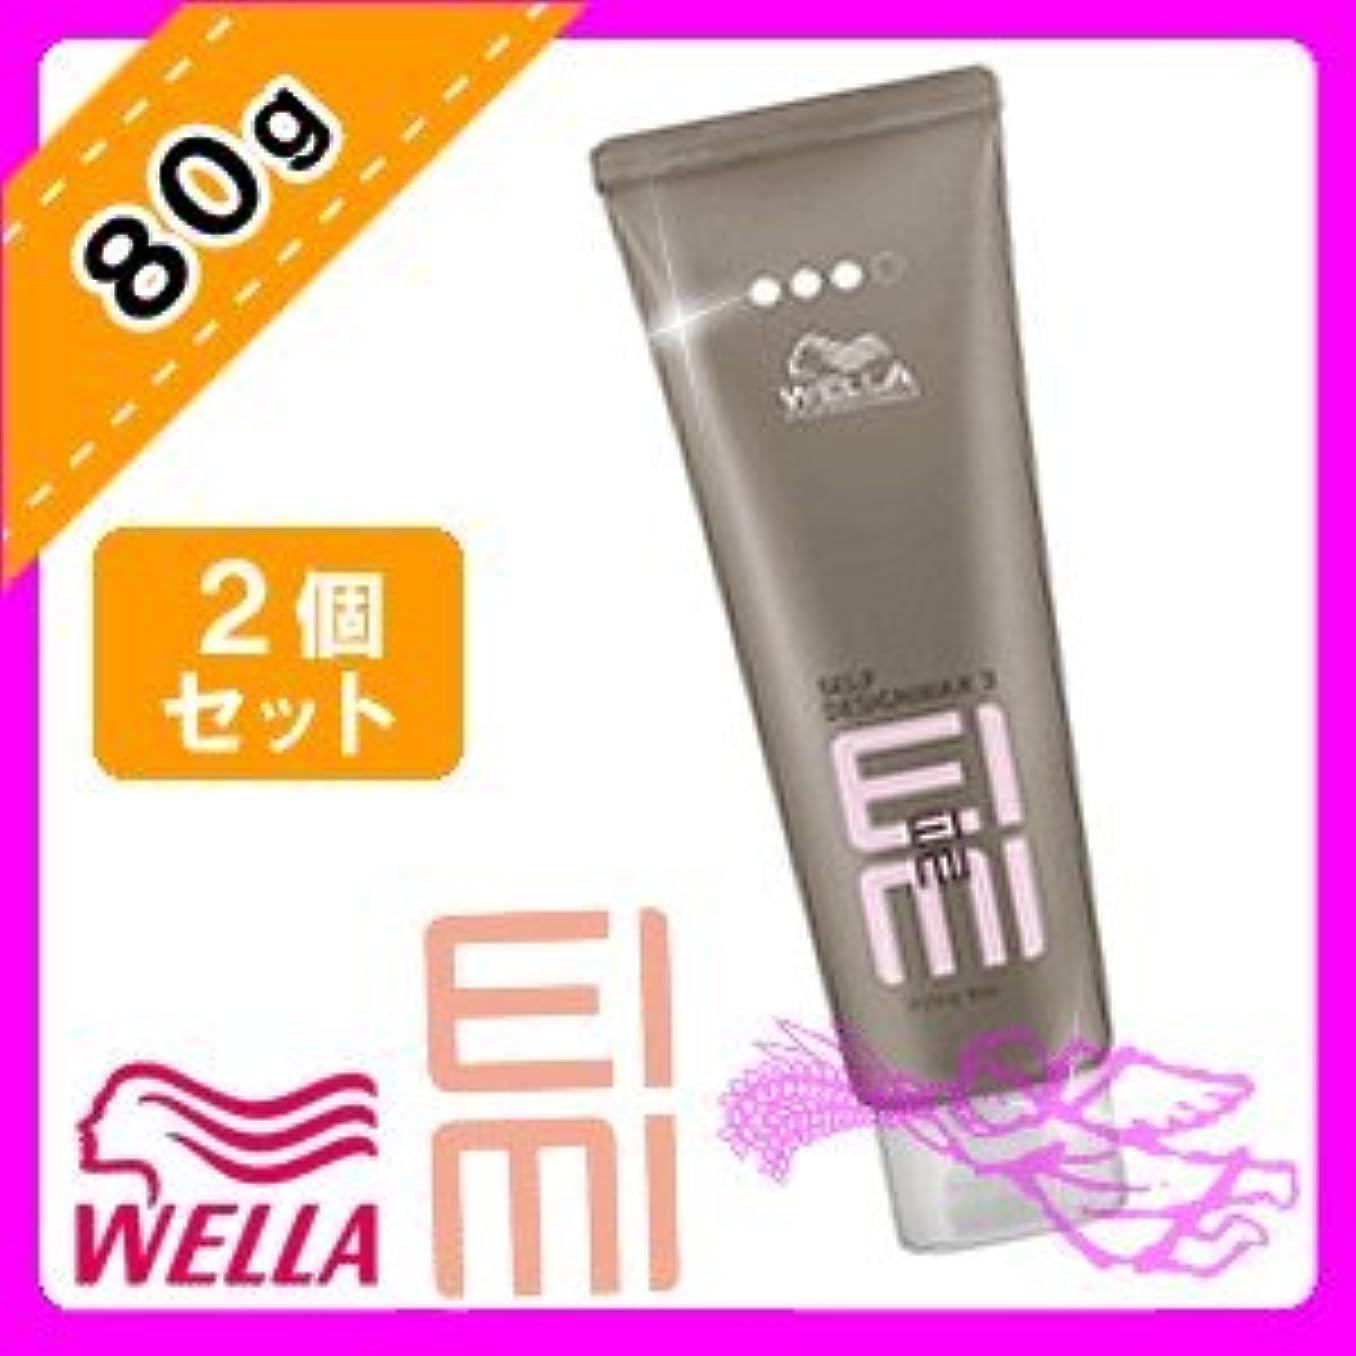 浸漬目立つ落ち着いてウエラ EIMI(アイミィ) セルフデザインワックス3 80g ×2個 セット WELLA P&G